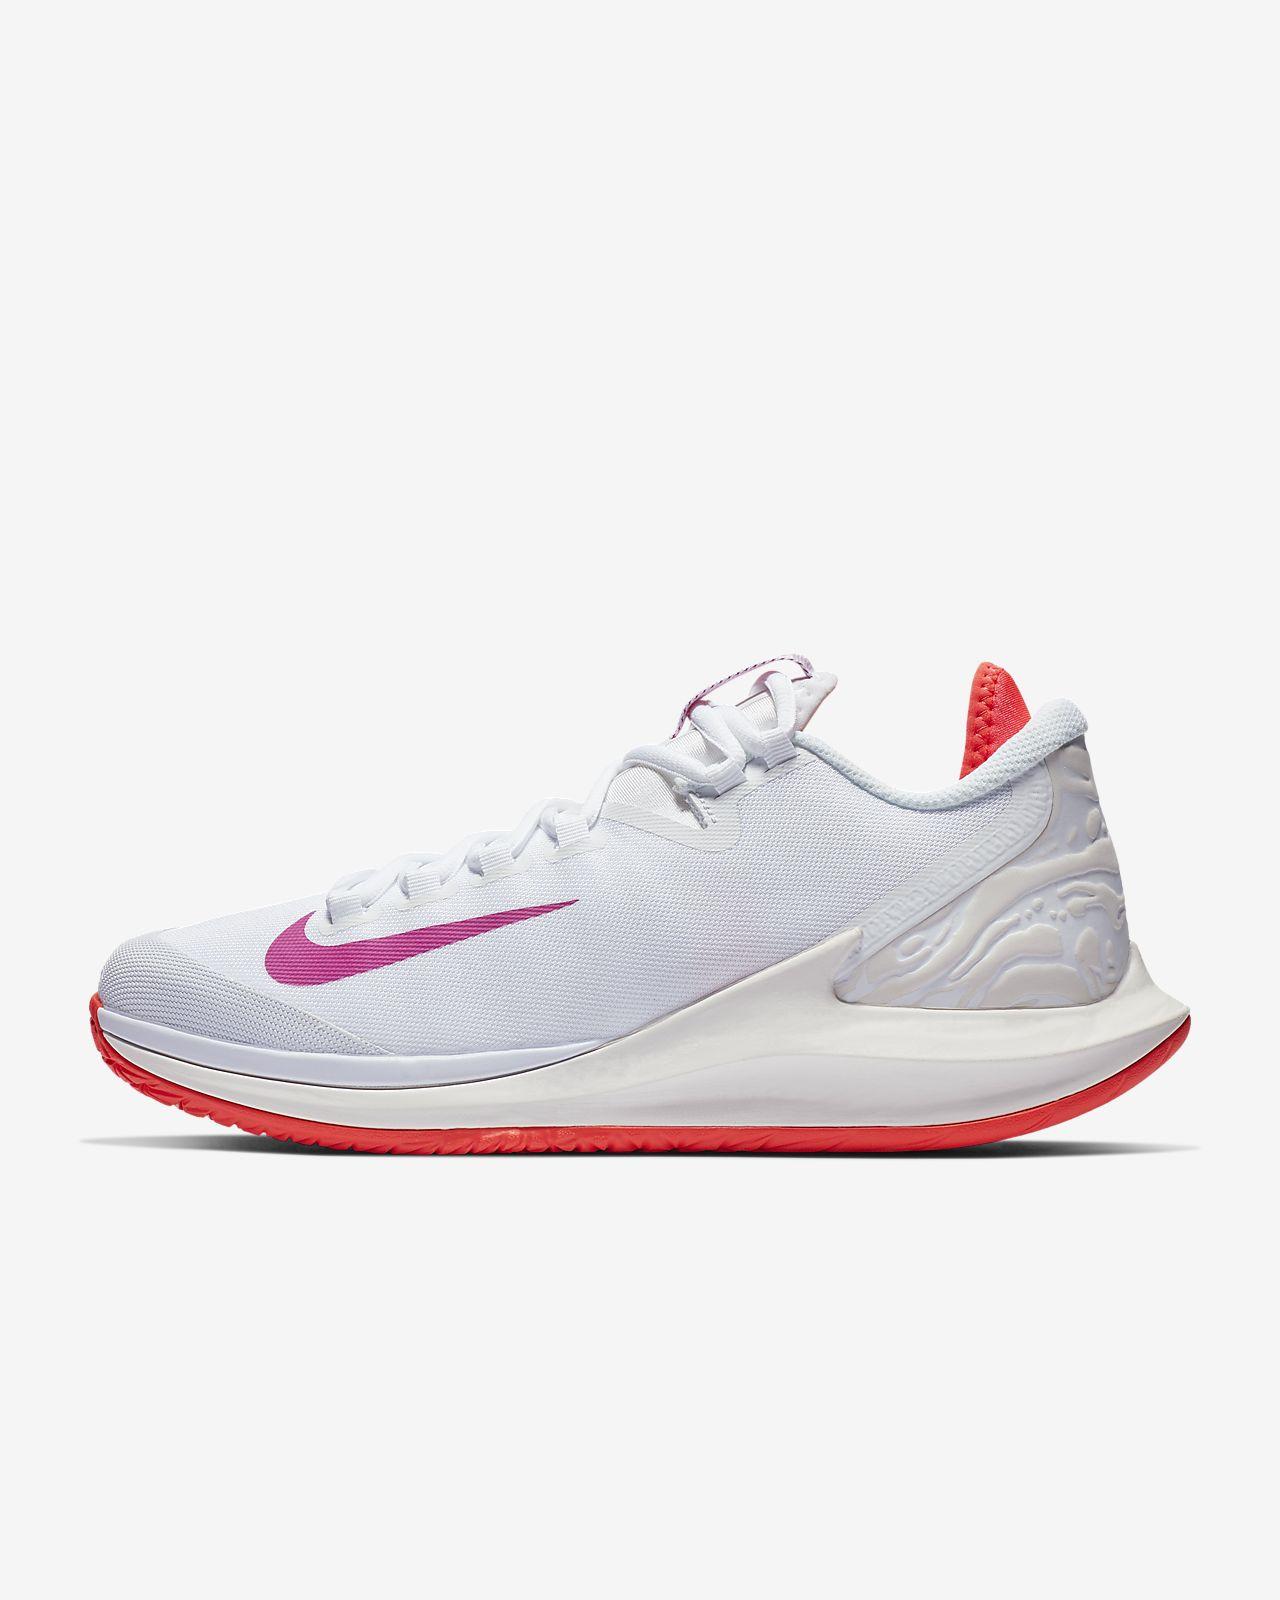 premium selection 5f10e 5c8fd ... NikeCourt Air Zoom Zero Damen-Tennisschuh